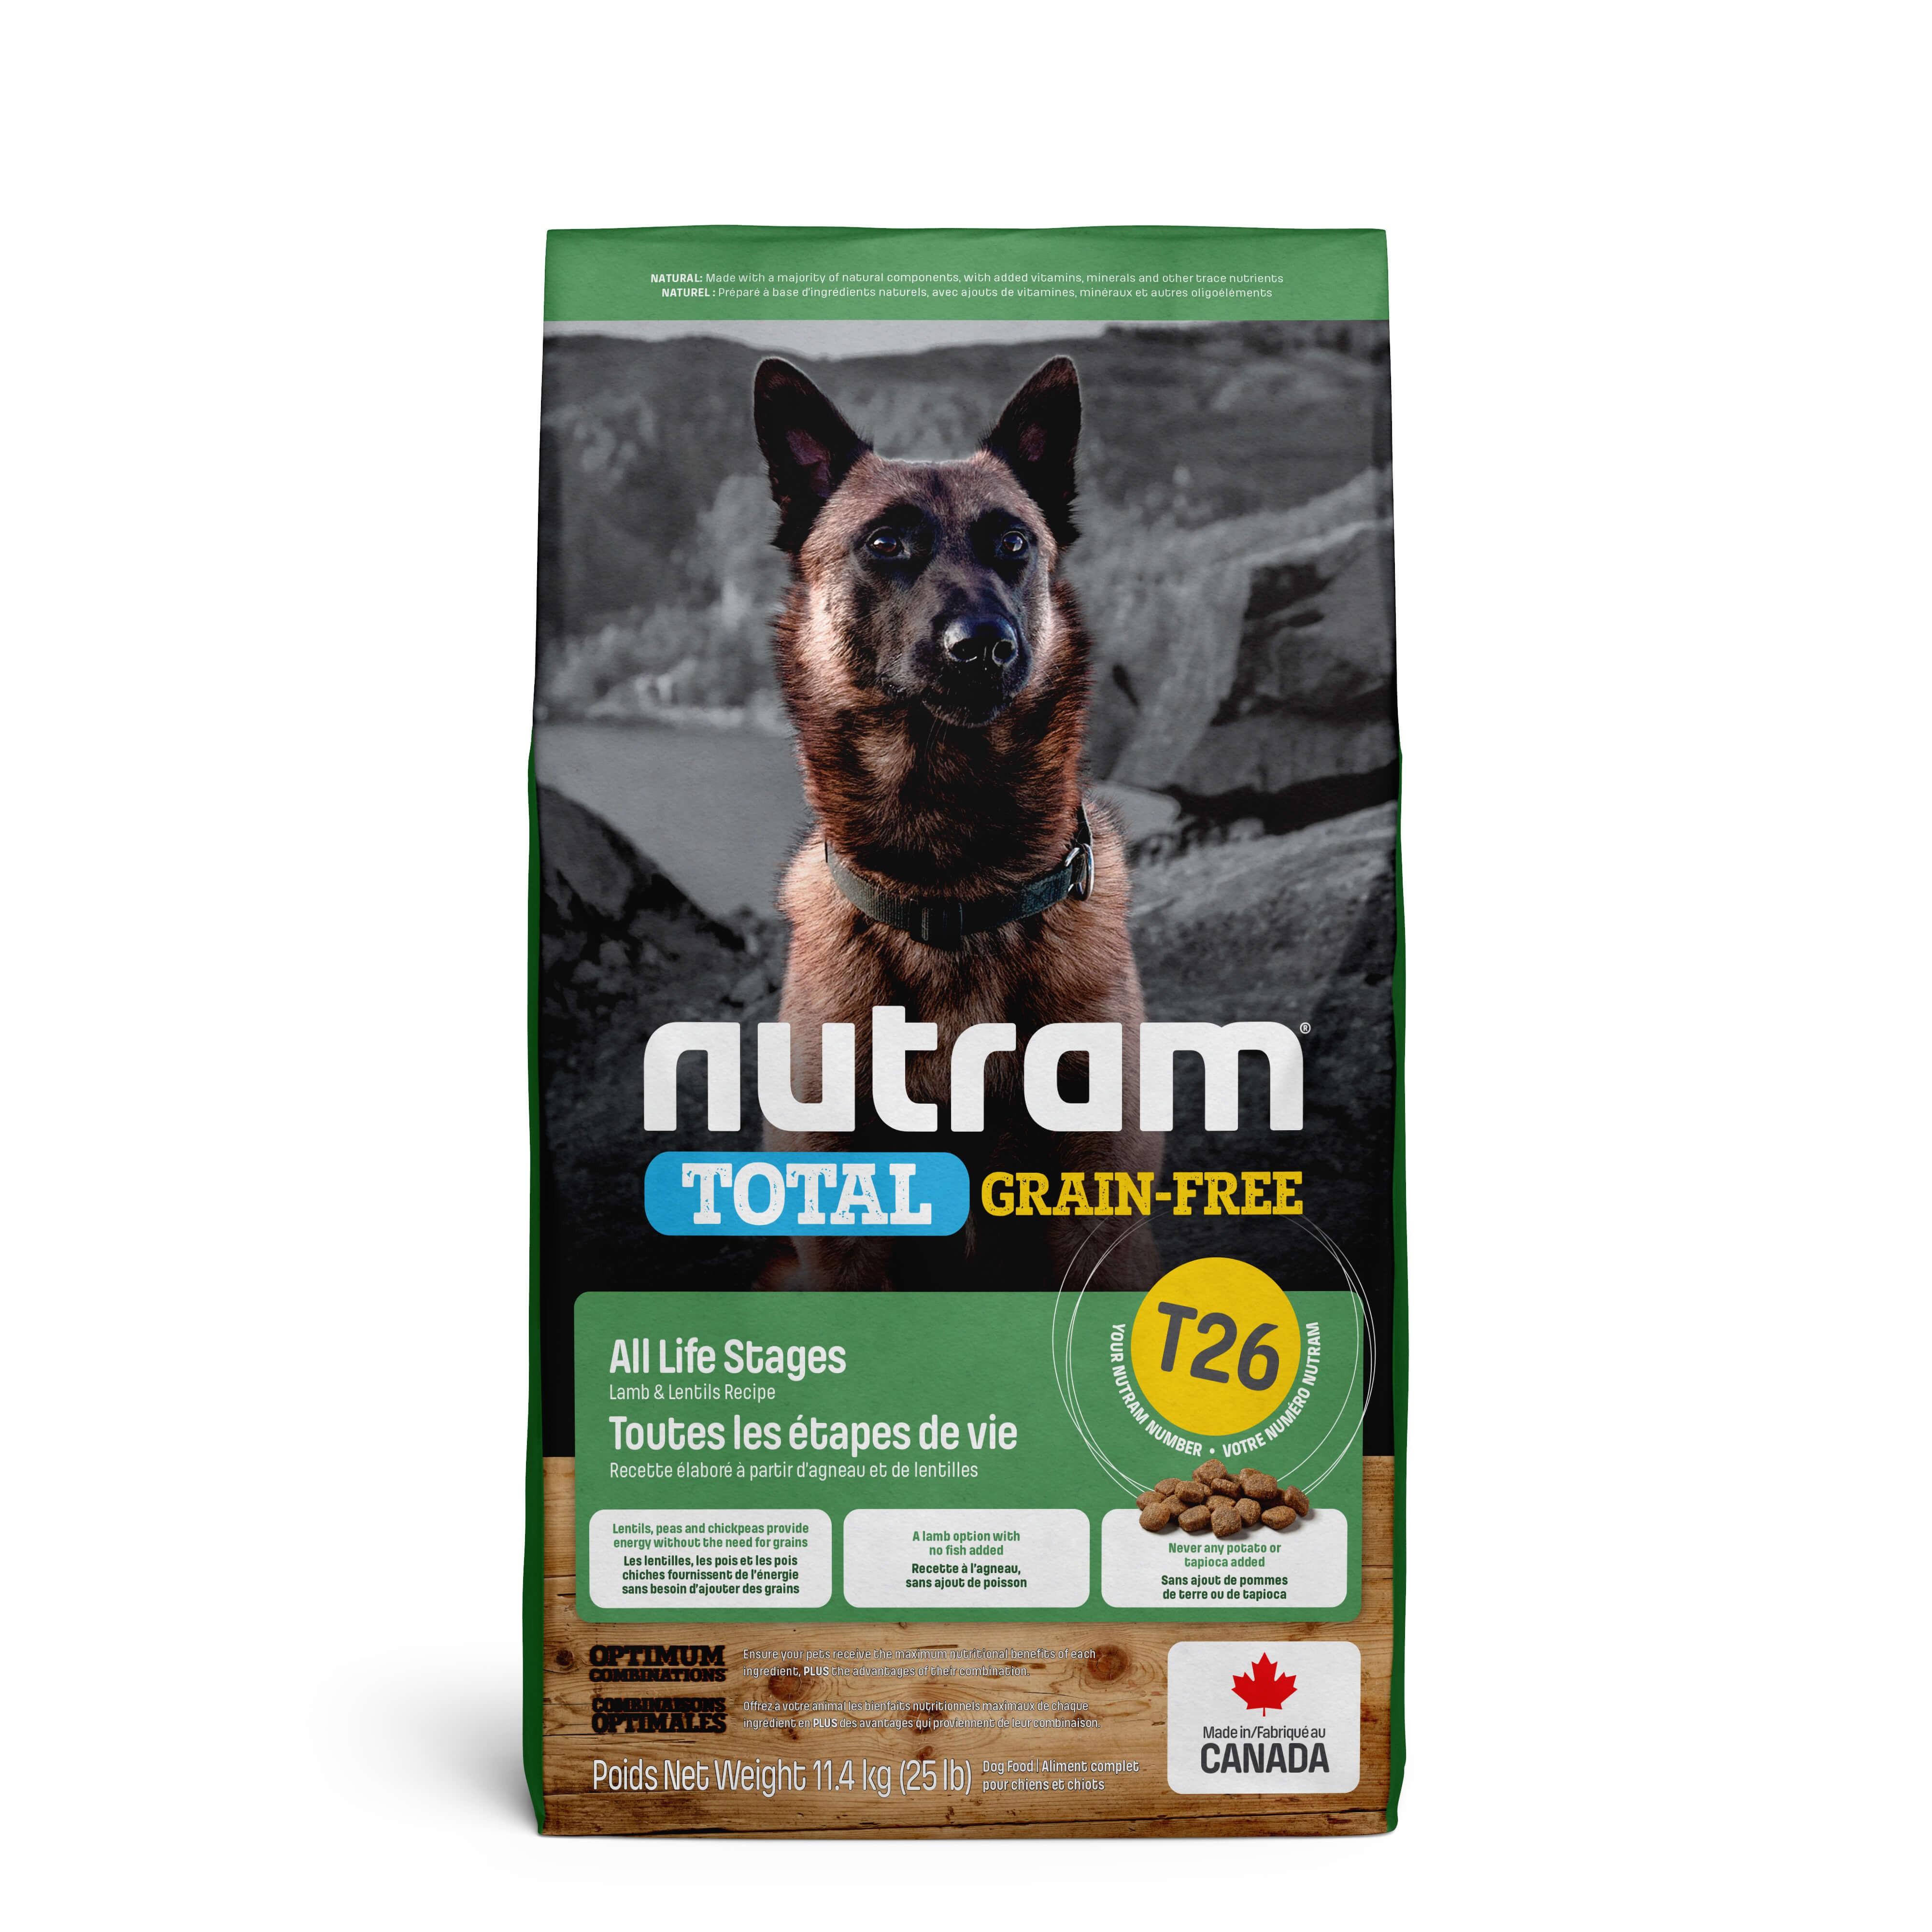 Nutram Getreidefrei Lamm & Hülsenfrüchte T26 Hundefutter